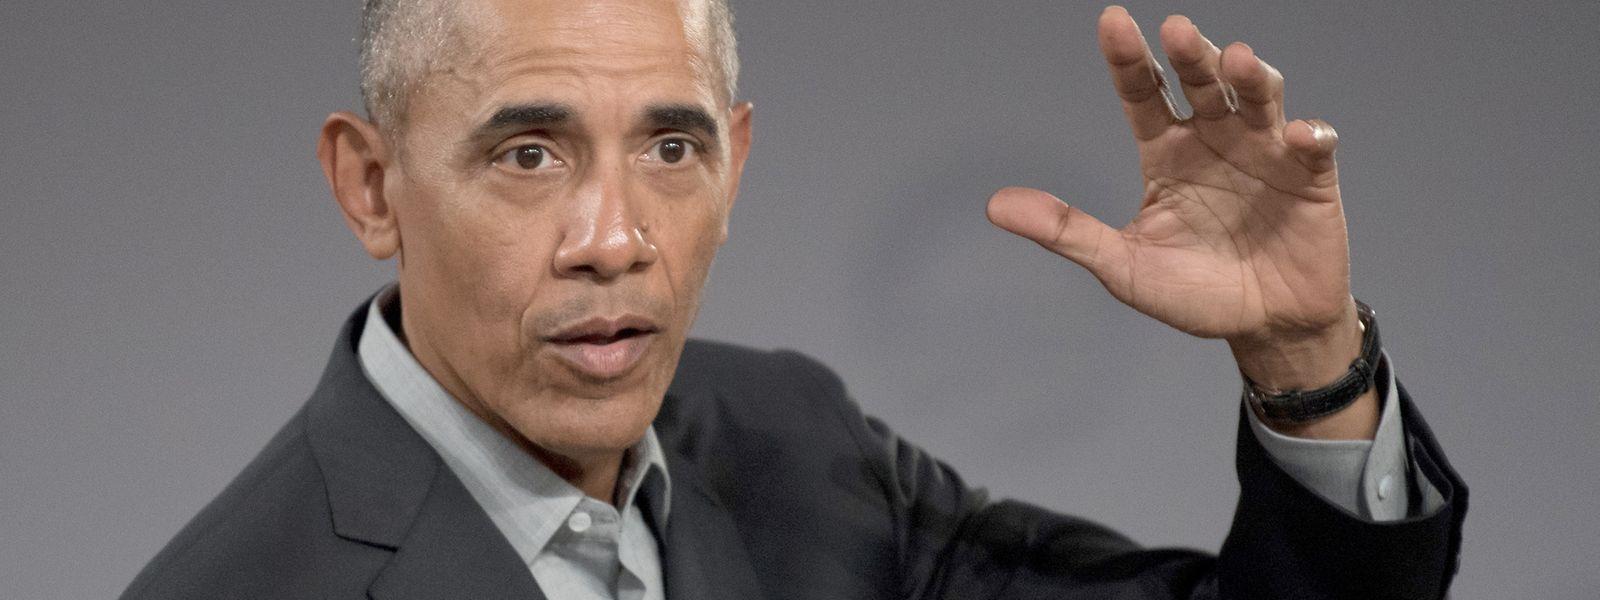 Nach der offenbar rassistisch motivierten Bluttat in Texas hat Obama eine von manchen Politikern genutzte Sprache der Angst und des Hasses verurteilt.